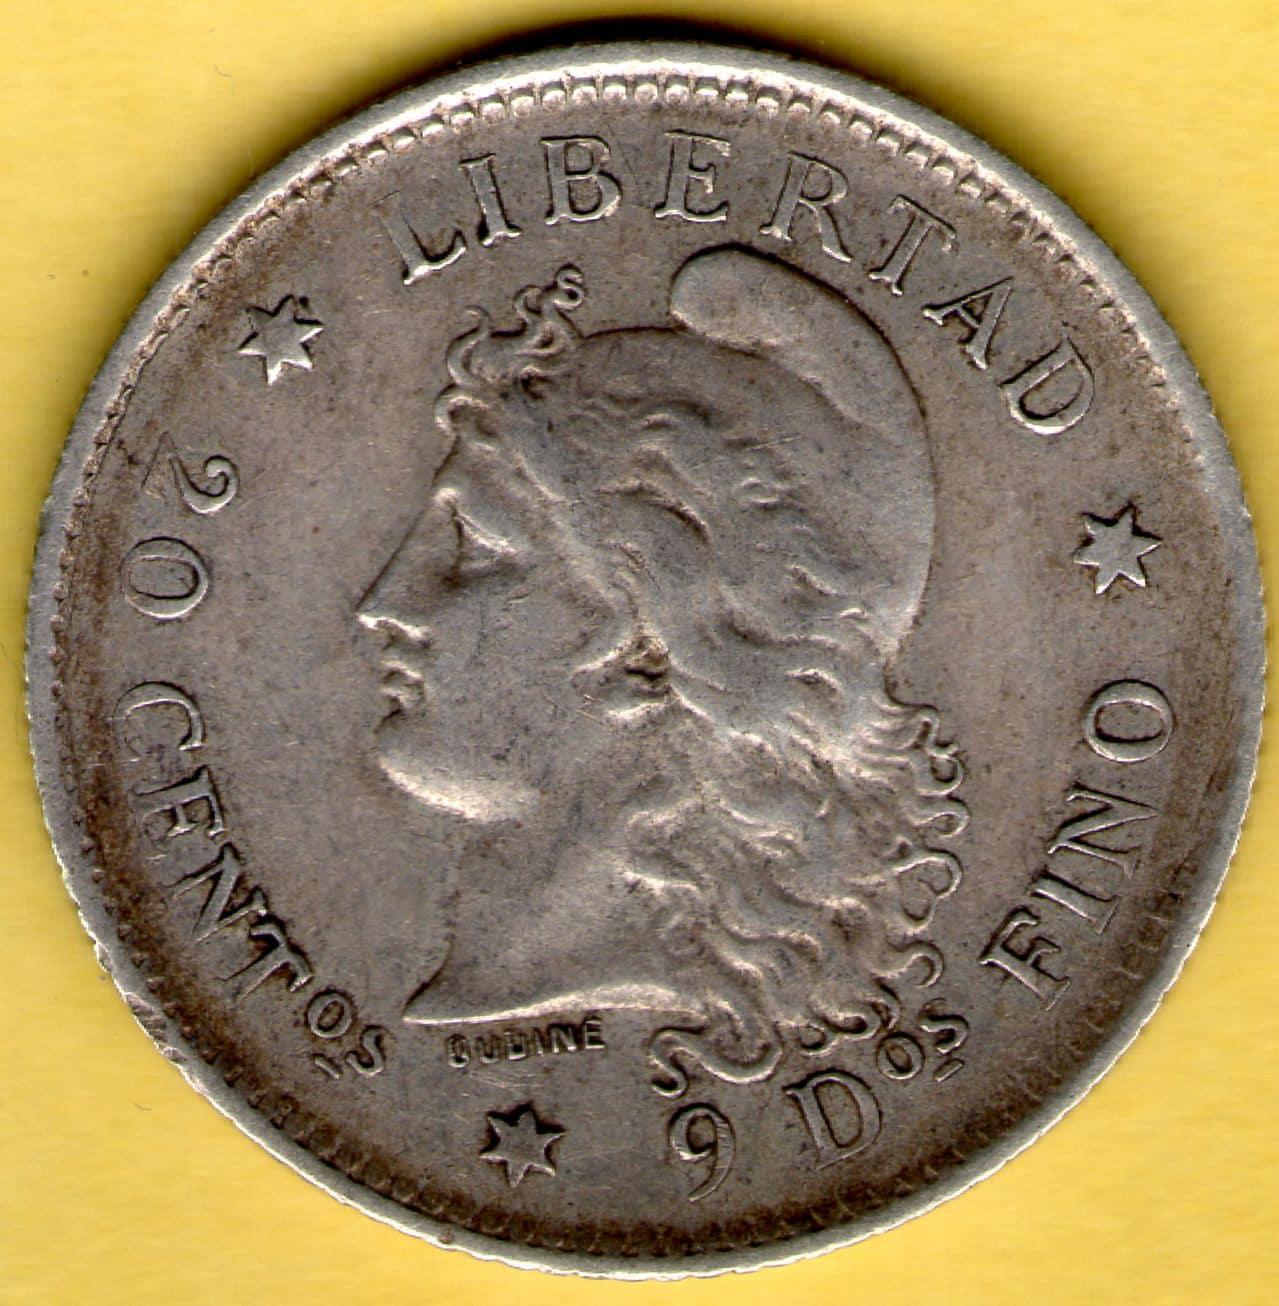 20 centavos de Patacón. Argentina. 1883. 20_Centavos_de_Patacon_anv